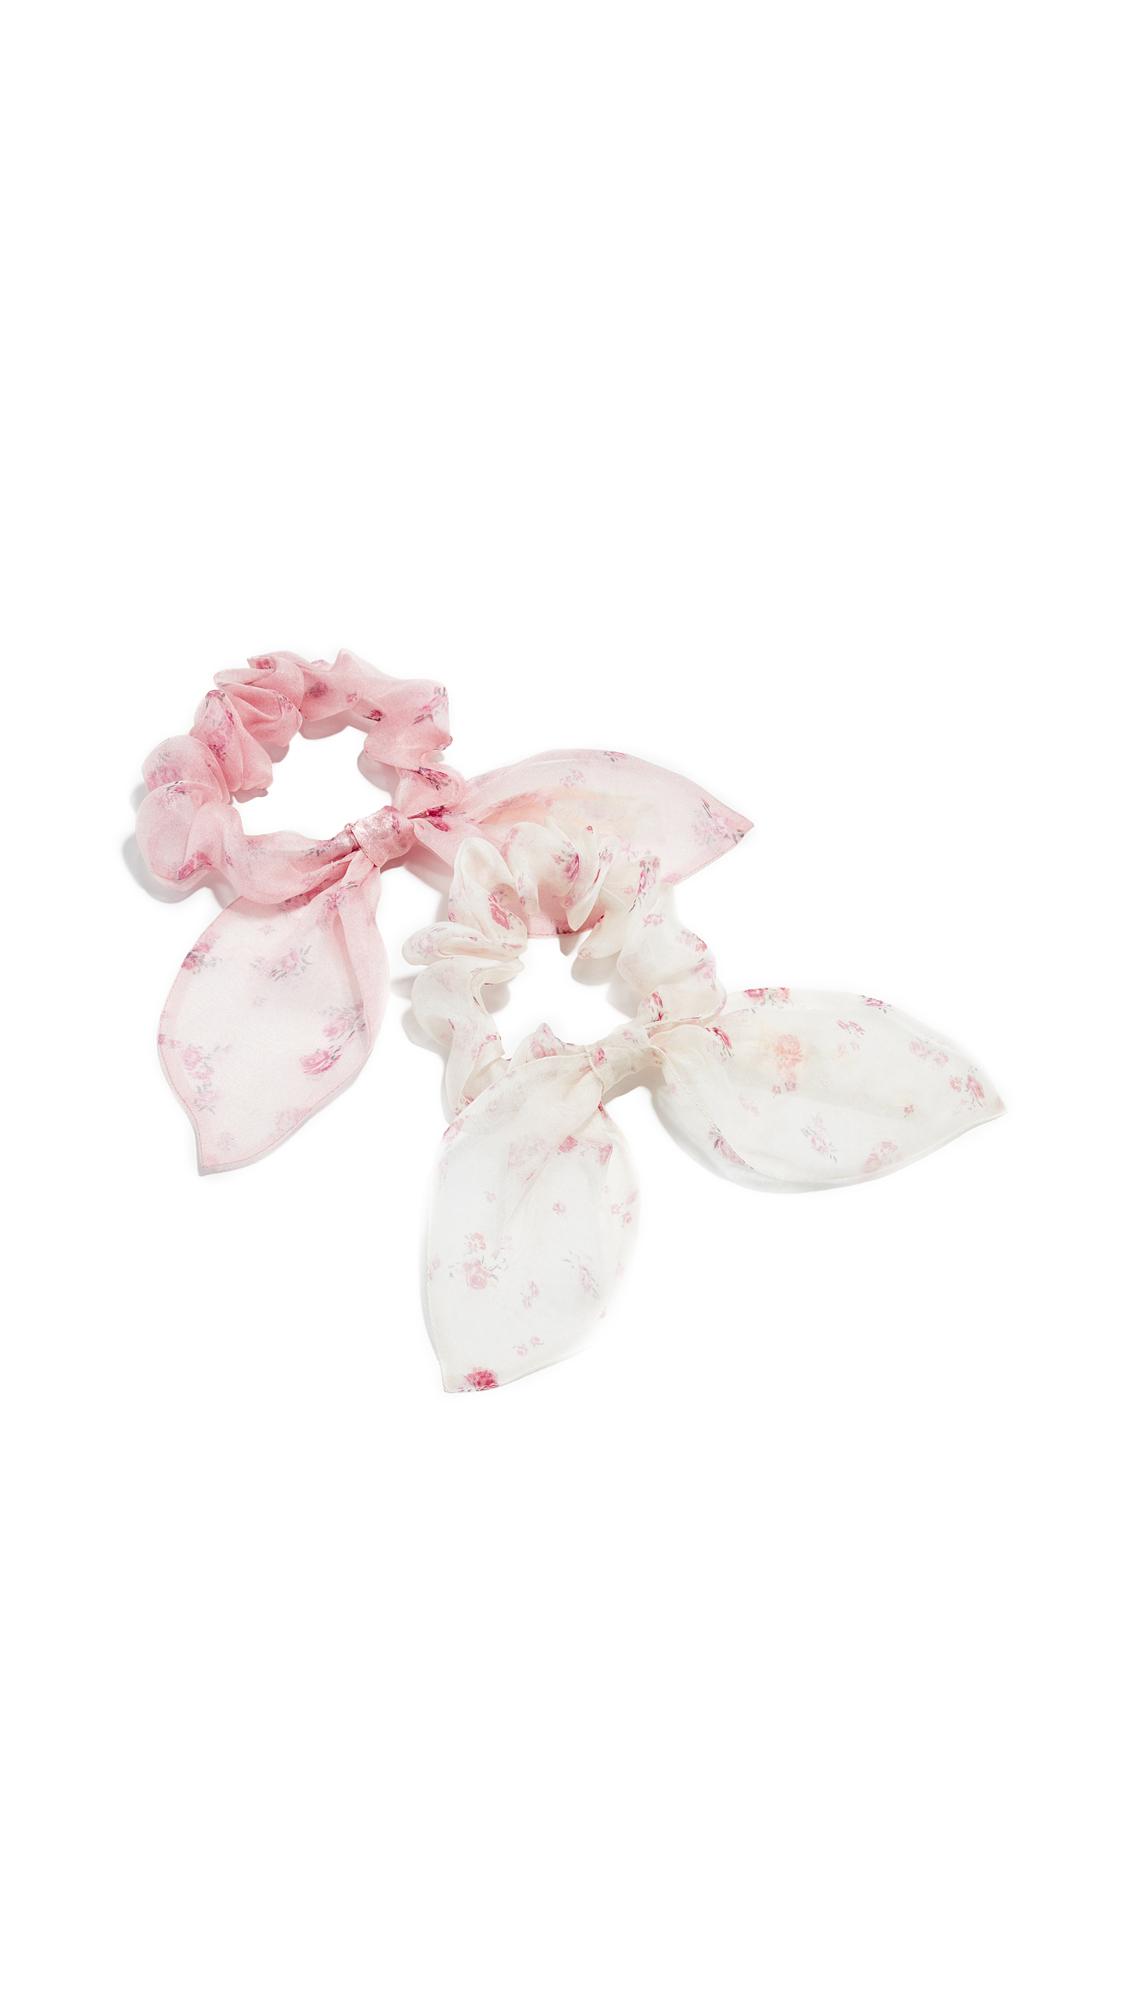 LOVESHACKFANCY Penny Scrunchie Set - Whisper/Strawberry Cream